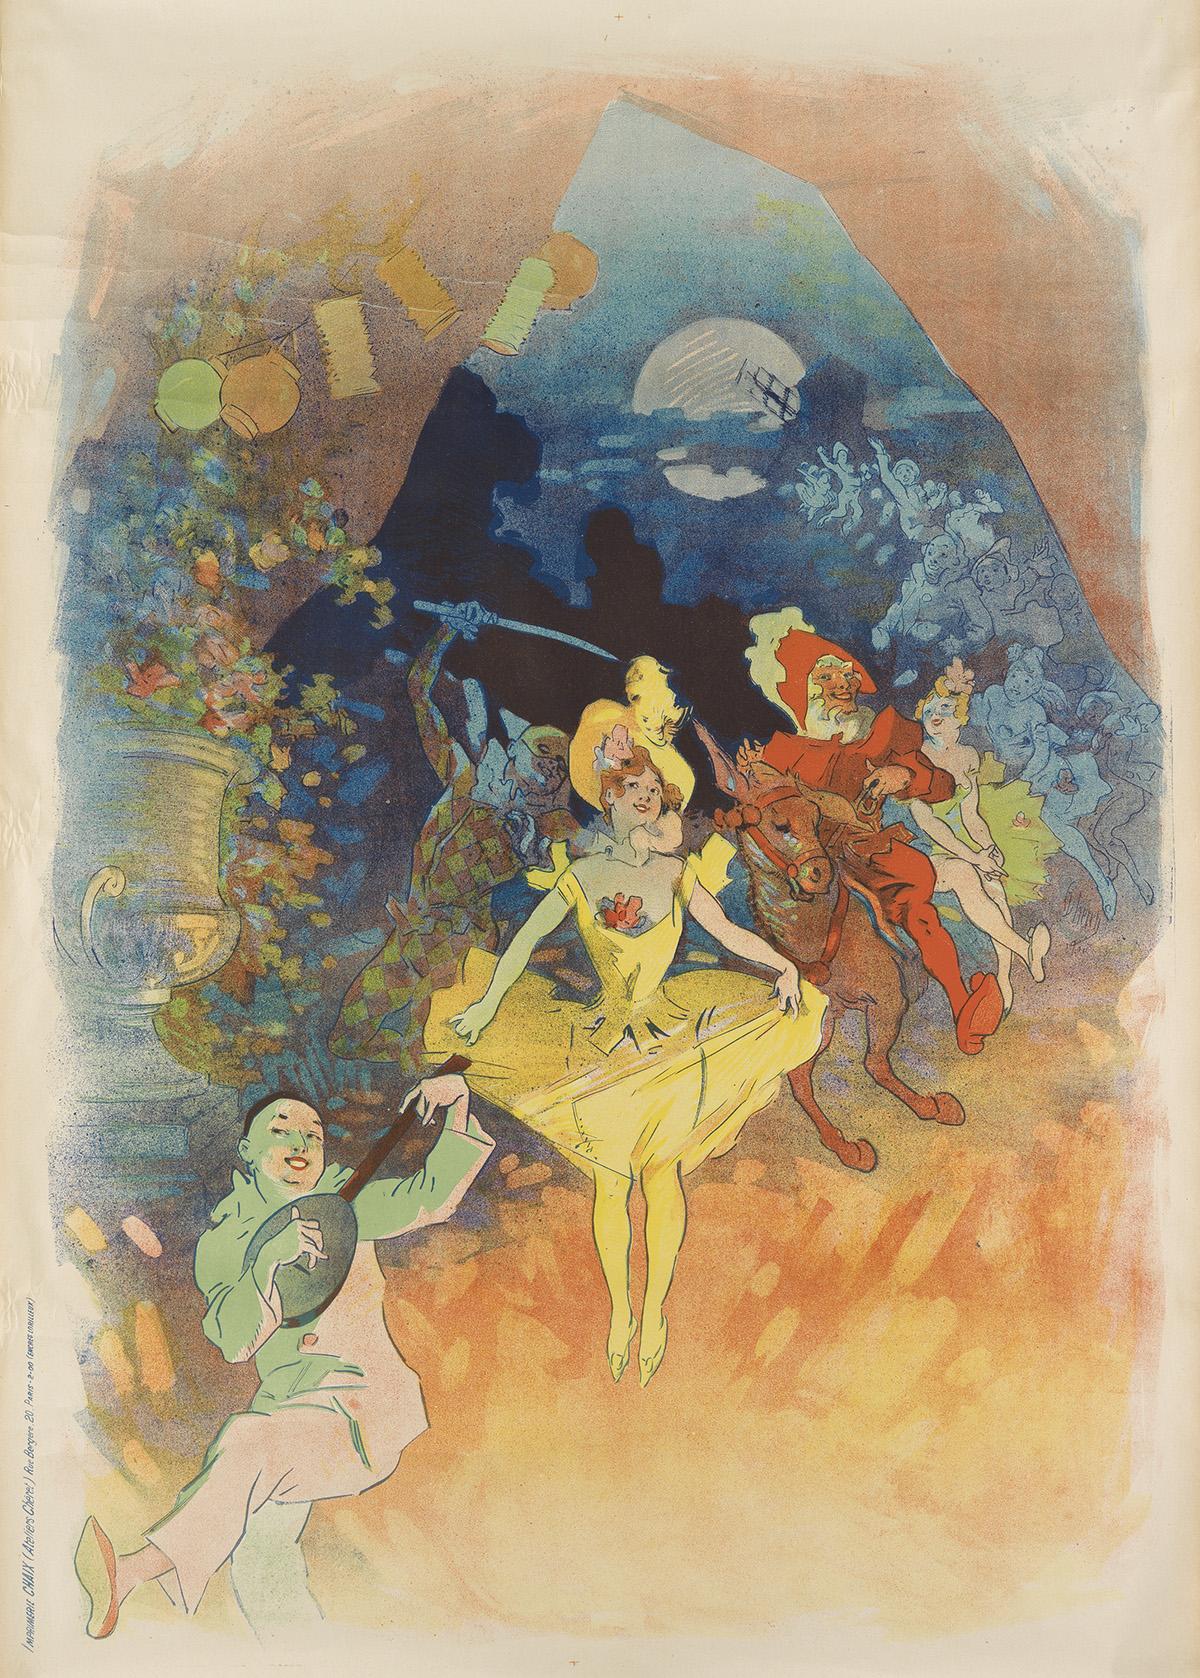 JULES-CHÉRET-(1836-1932)-[MUSÉE-GRÉVIN--THÉÂTRE-LES-FANTOCHE